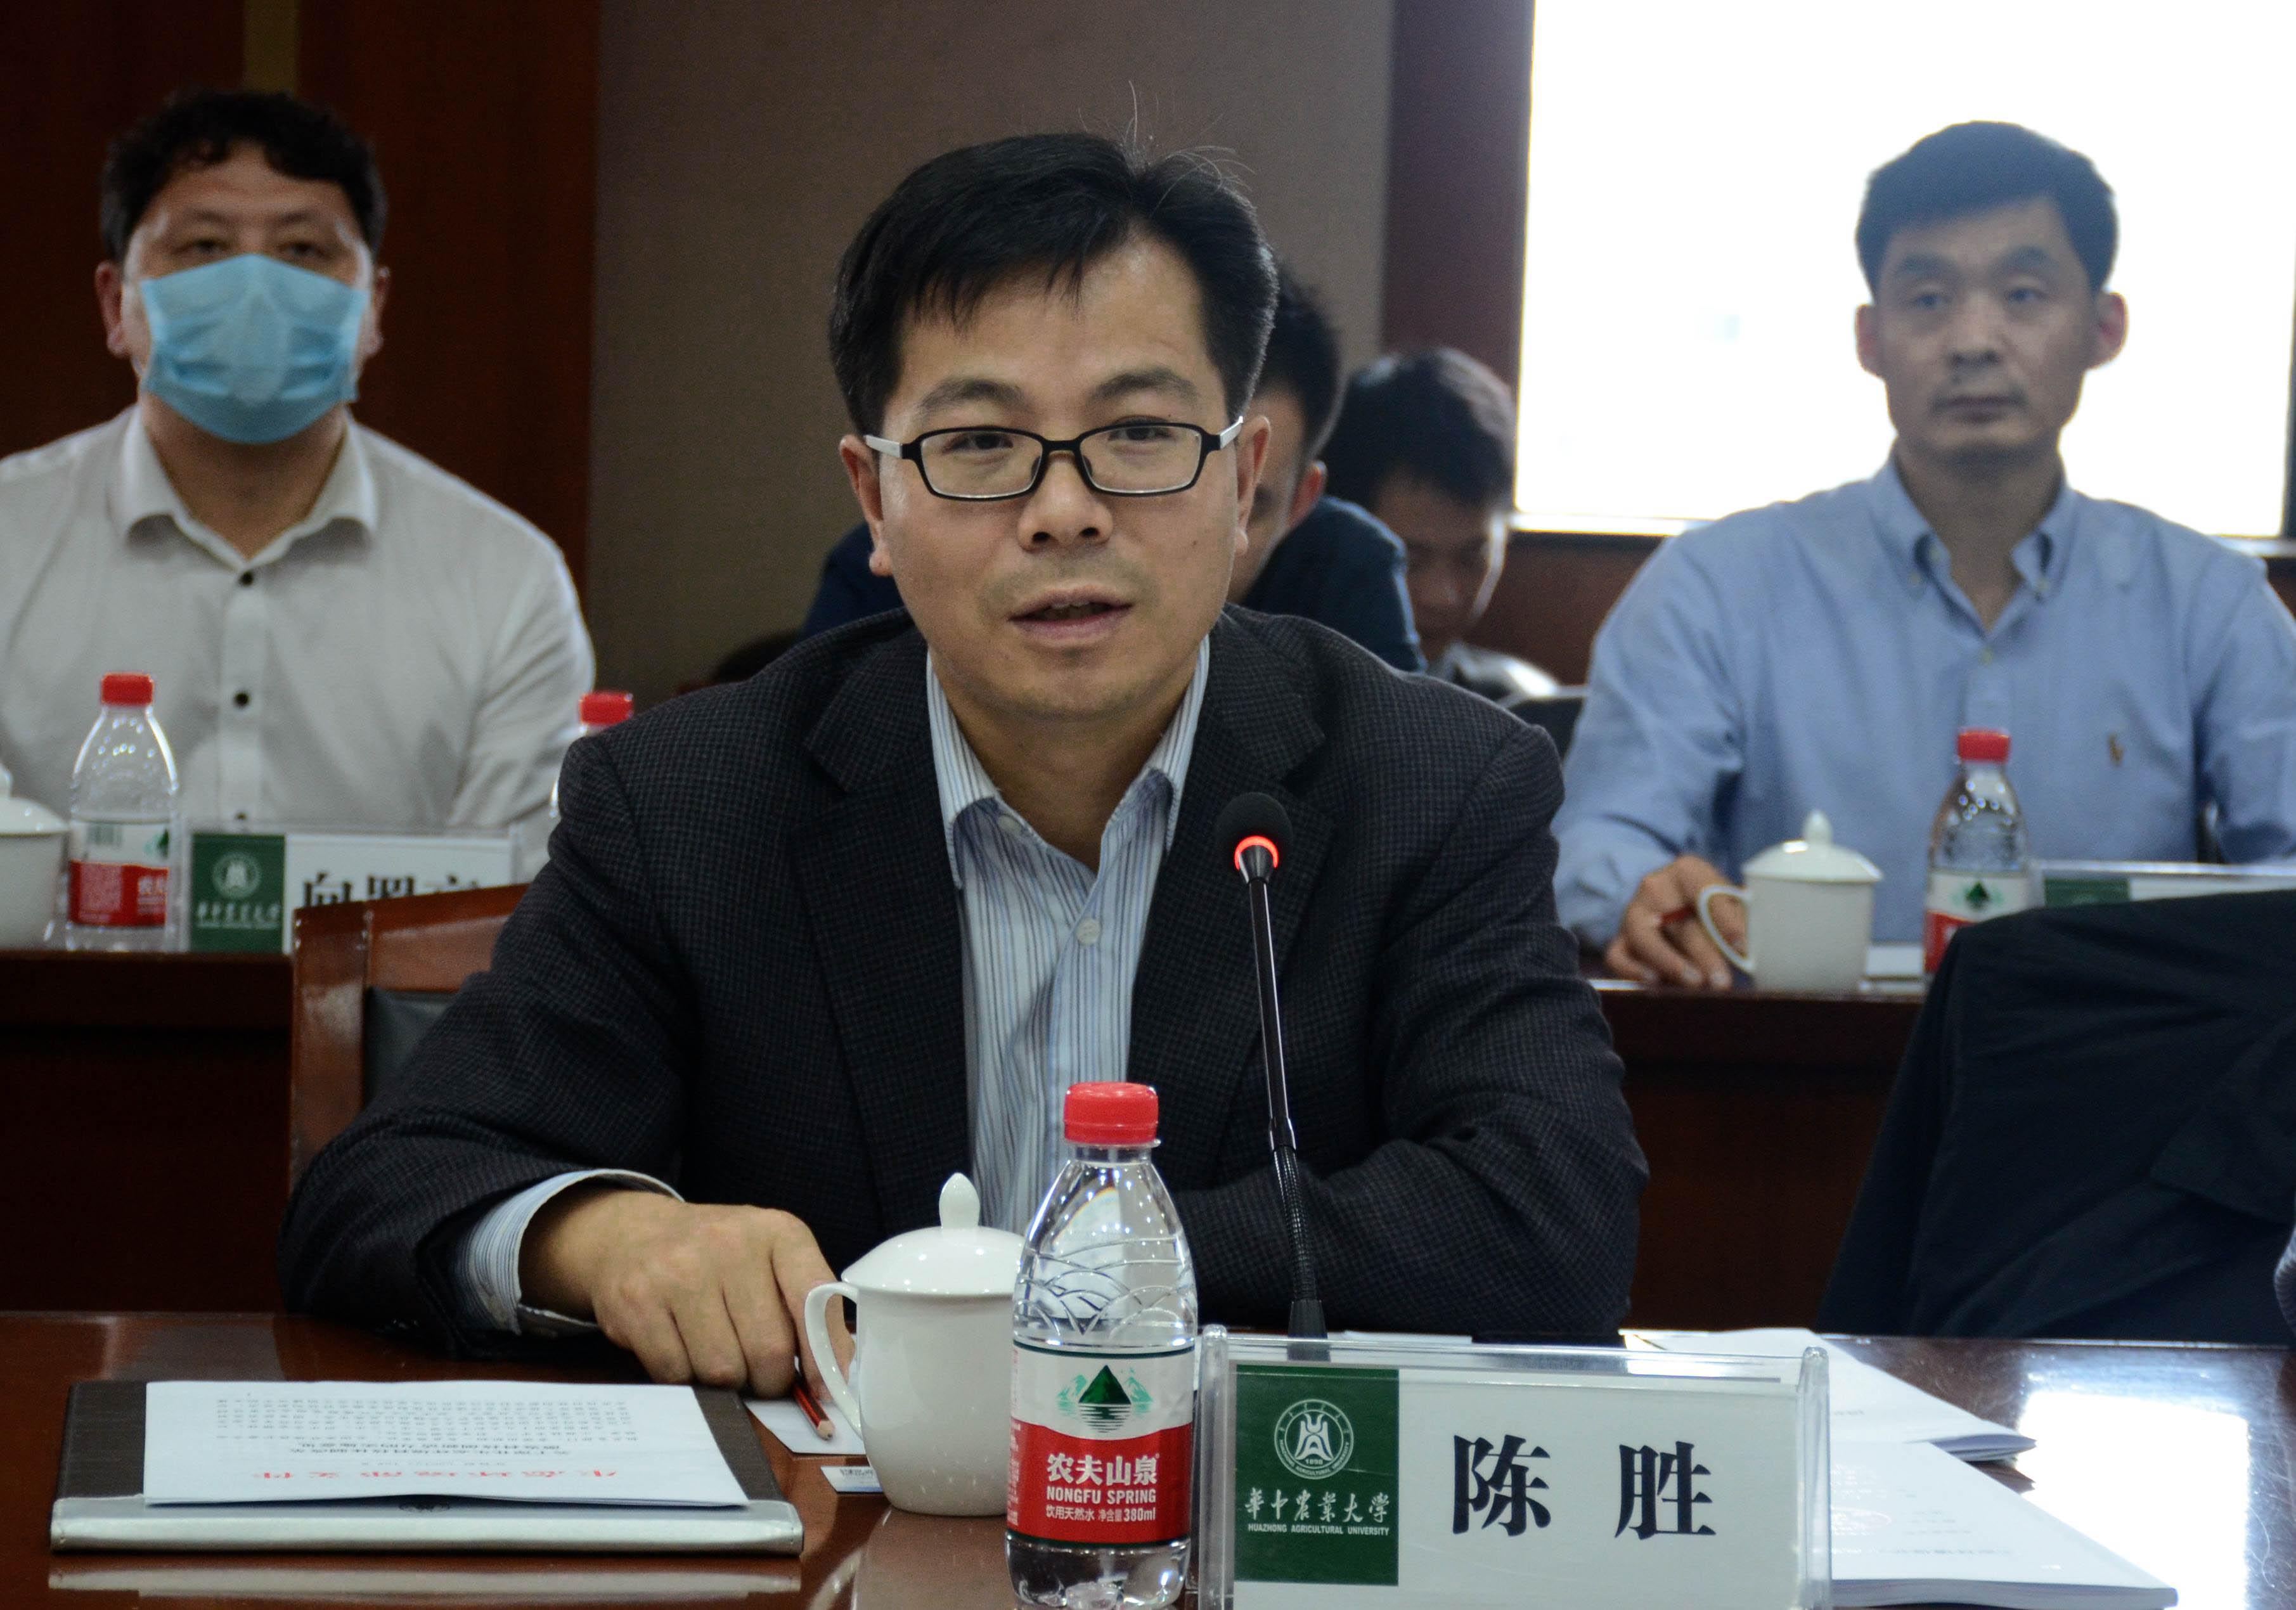 生态环境部科财司处长陈胜讲话